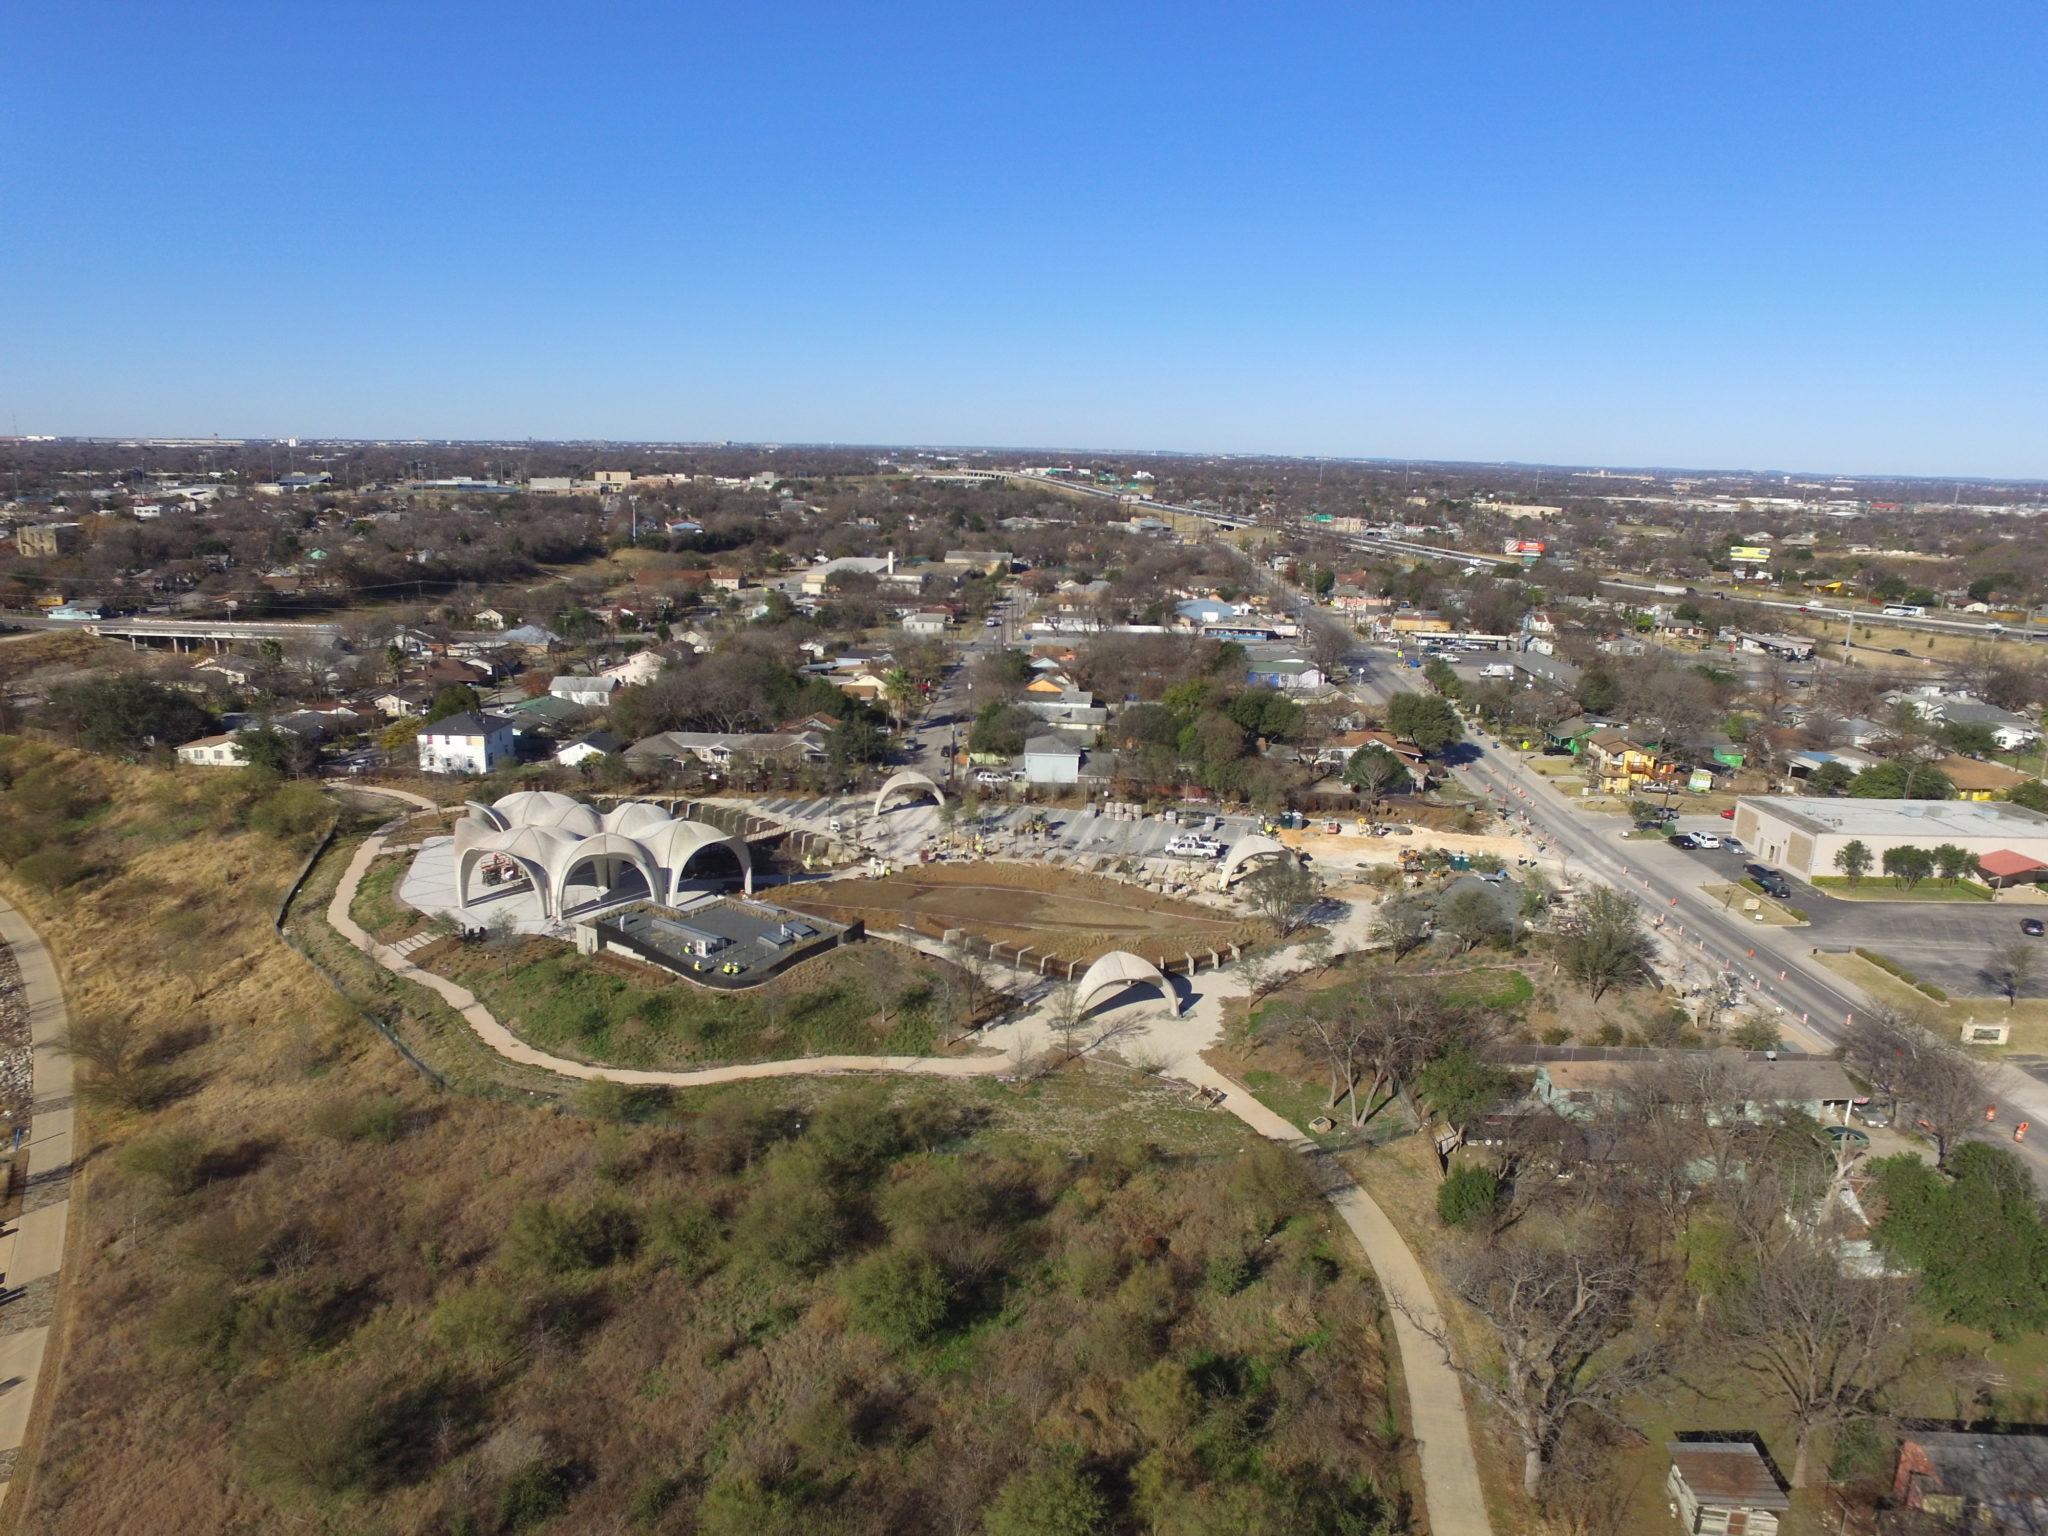 Confluence Park aerial view